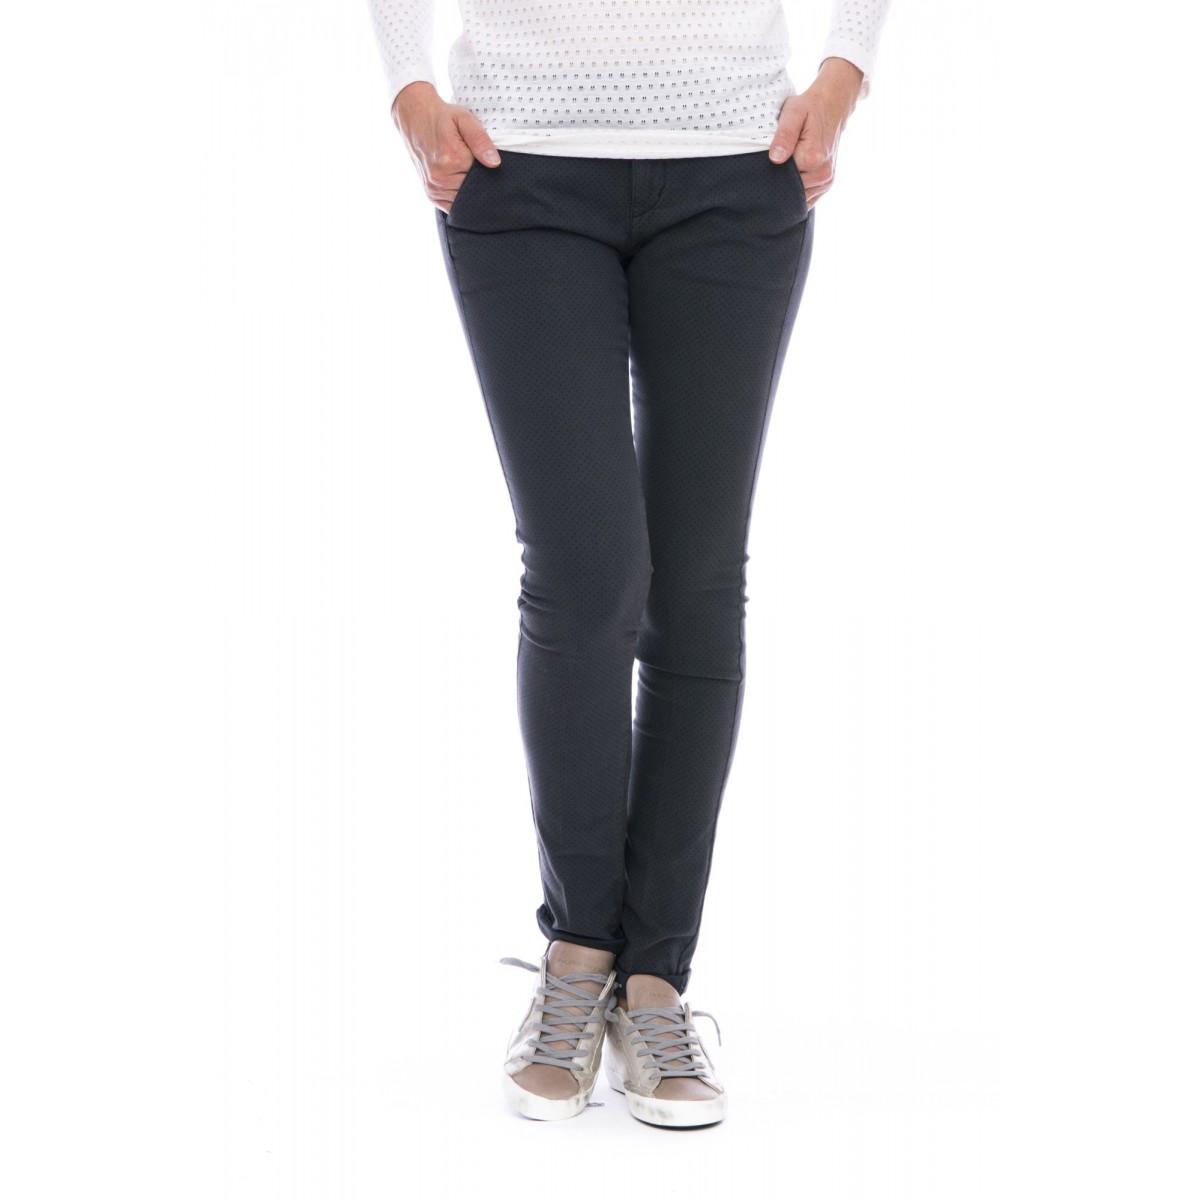 Pantalone donna 40 weft - Melita 8688 pantalone pois